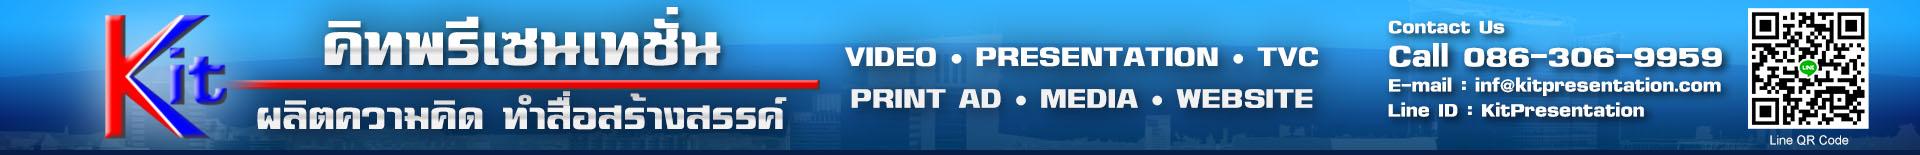 รับทำวีดีโอพรีเซนเทชั่นบริษัท